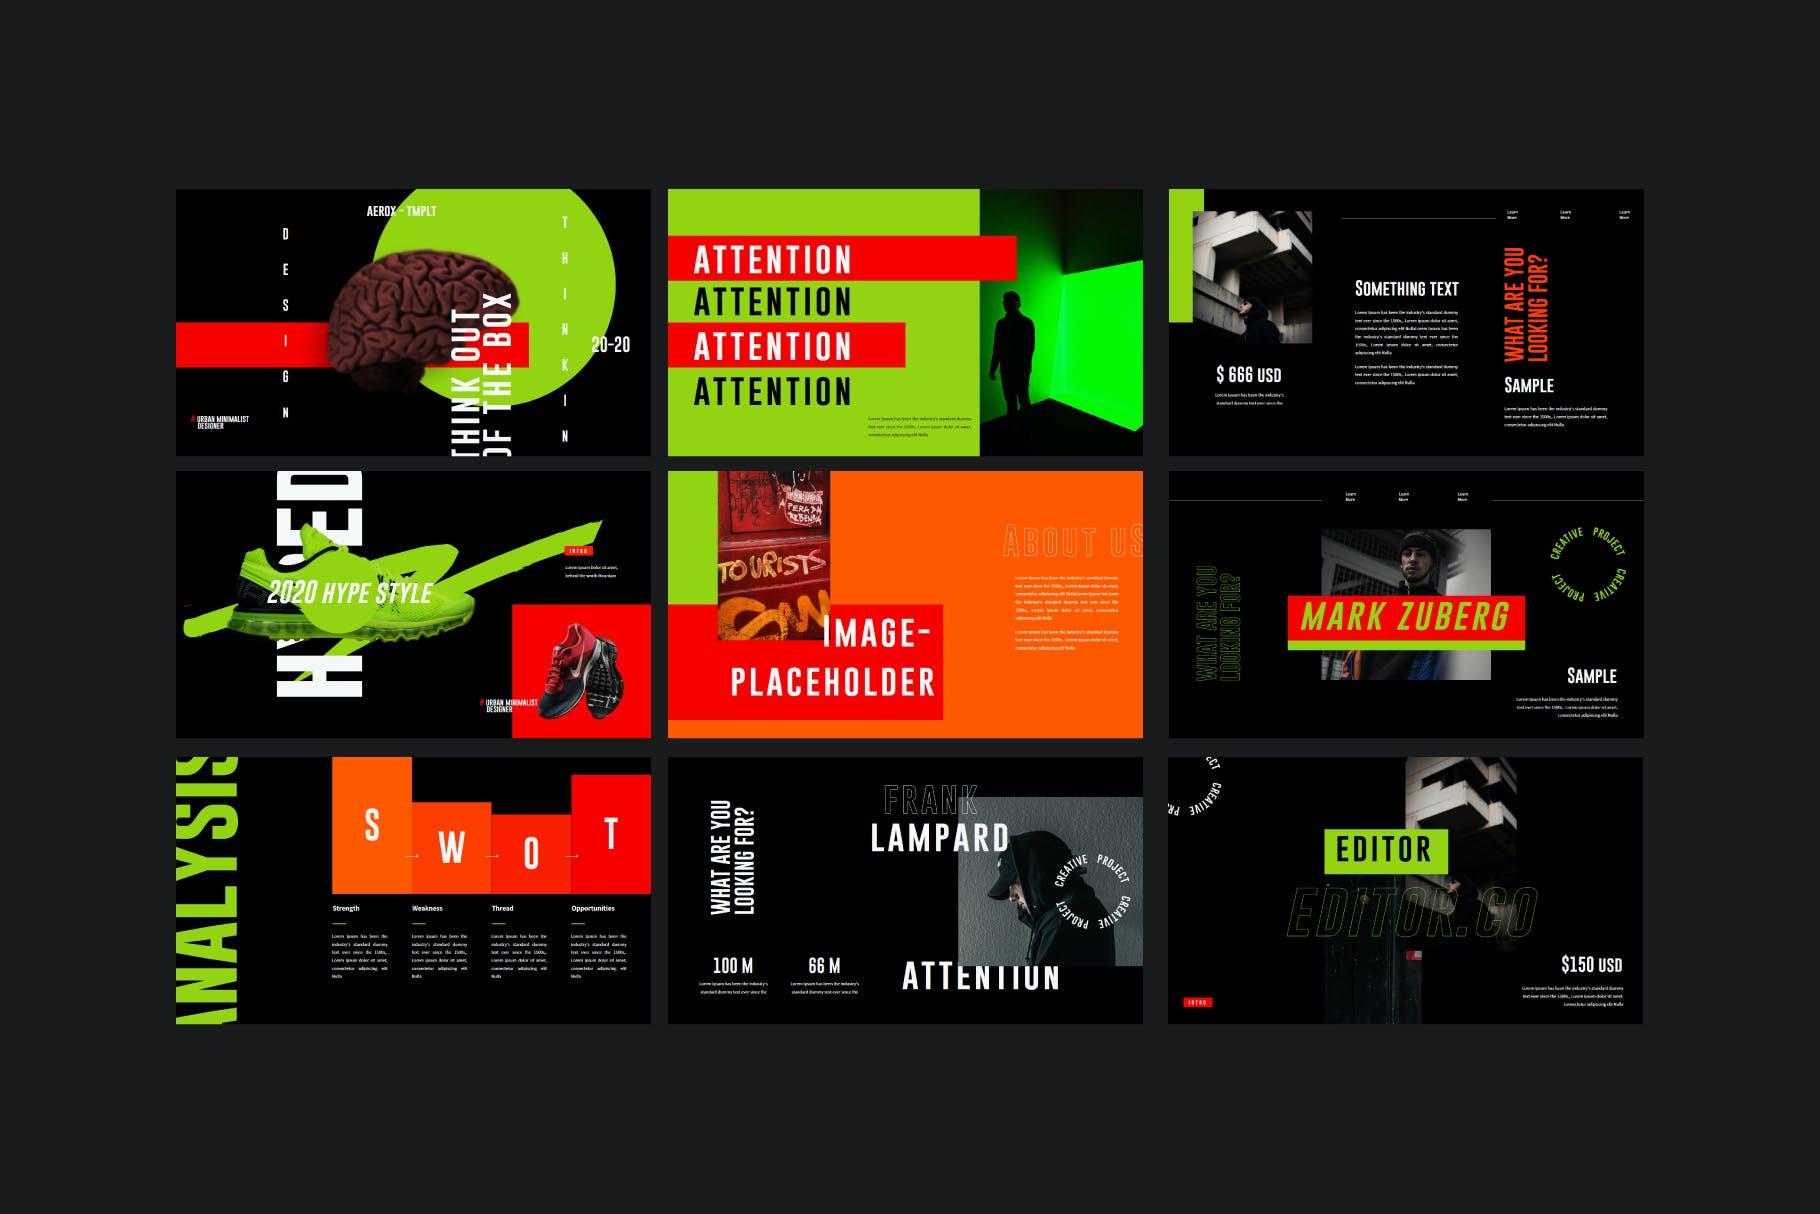 时尚潮流撞色运动潮牌品牌推广PPT演示文稿模板素材 Aerox – Powerpoint Template插图(6)